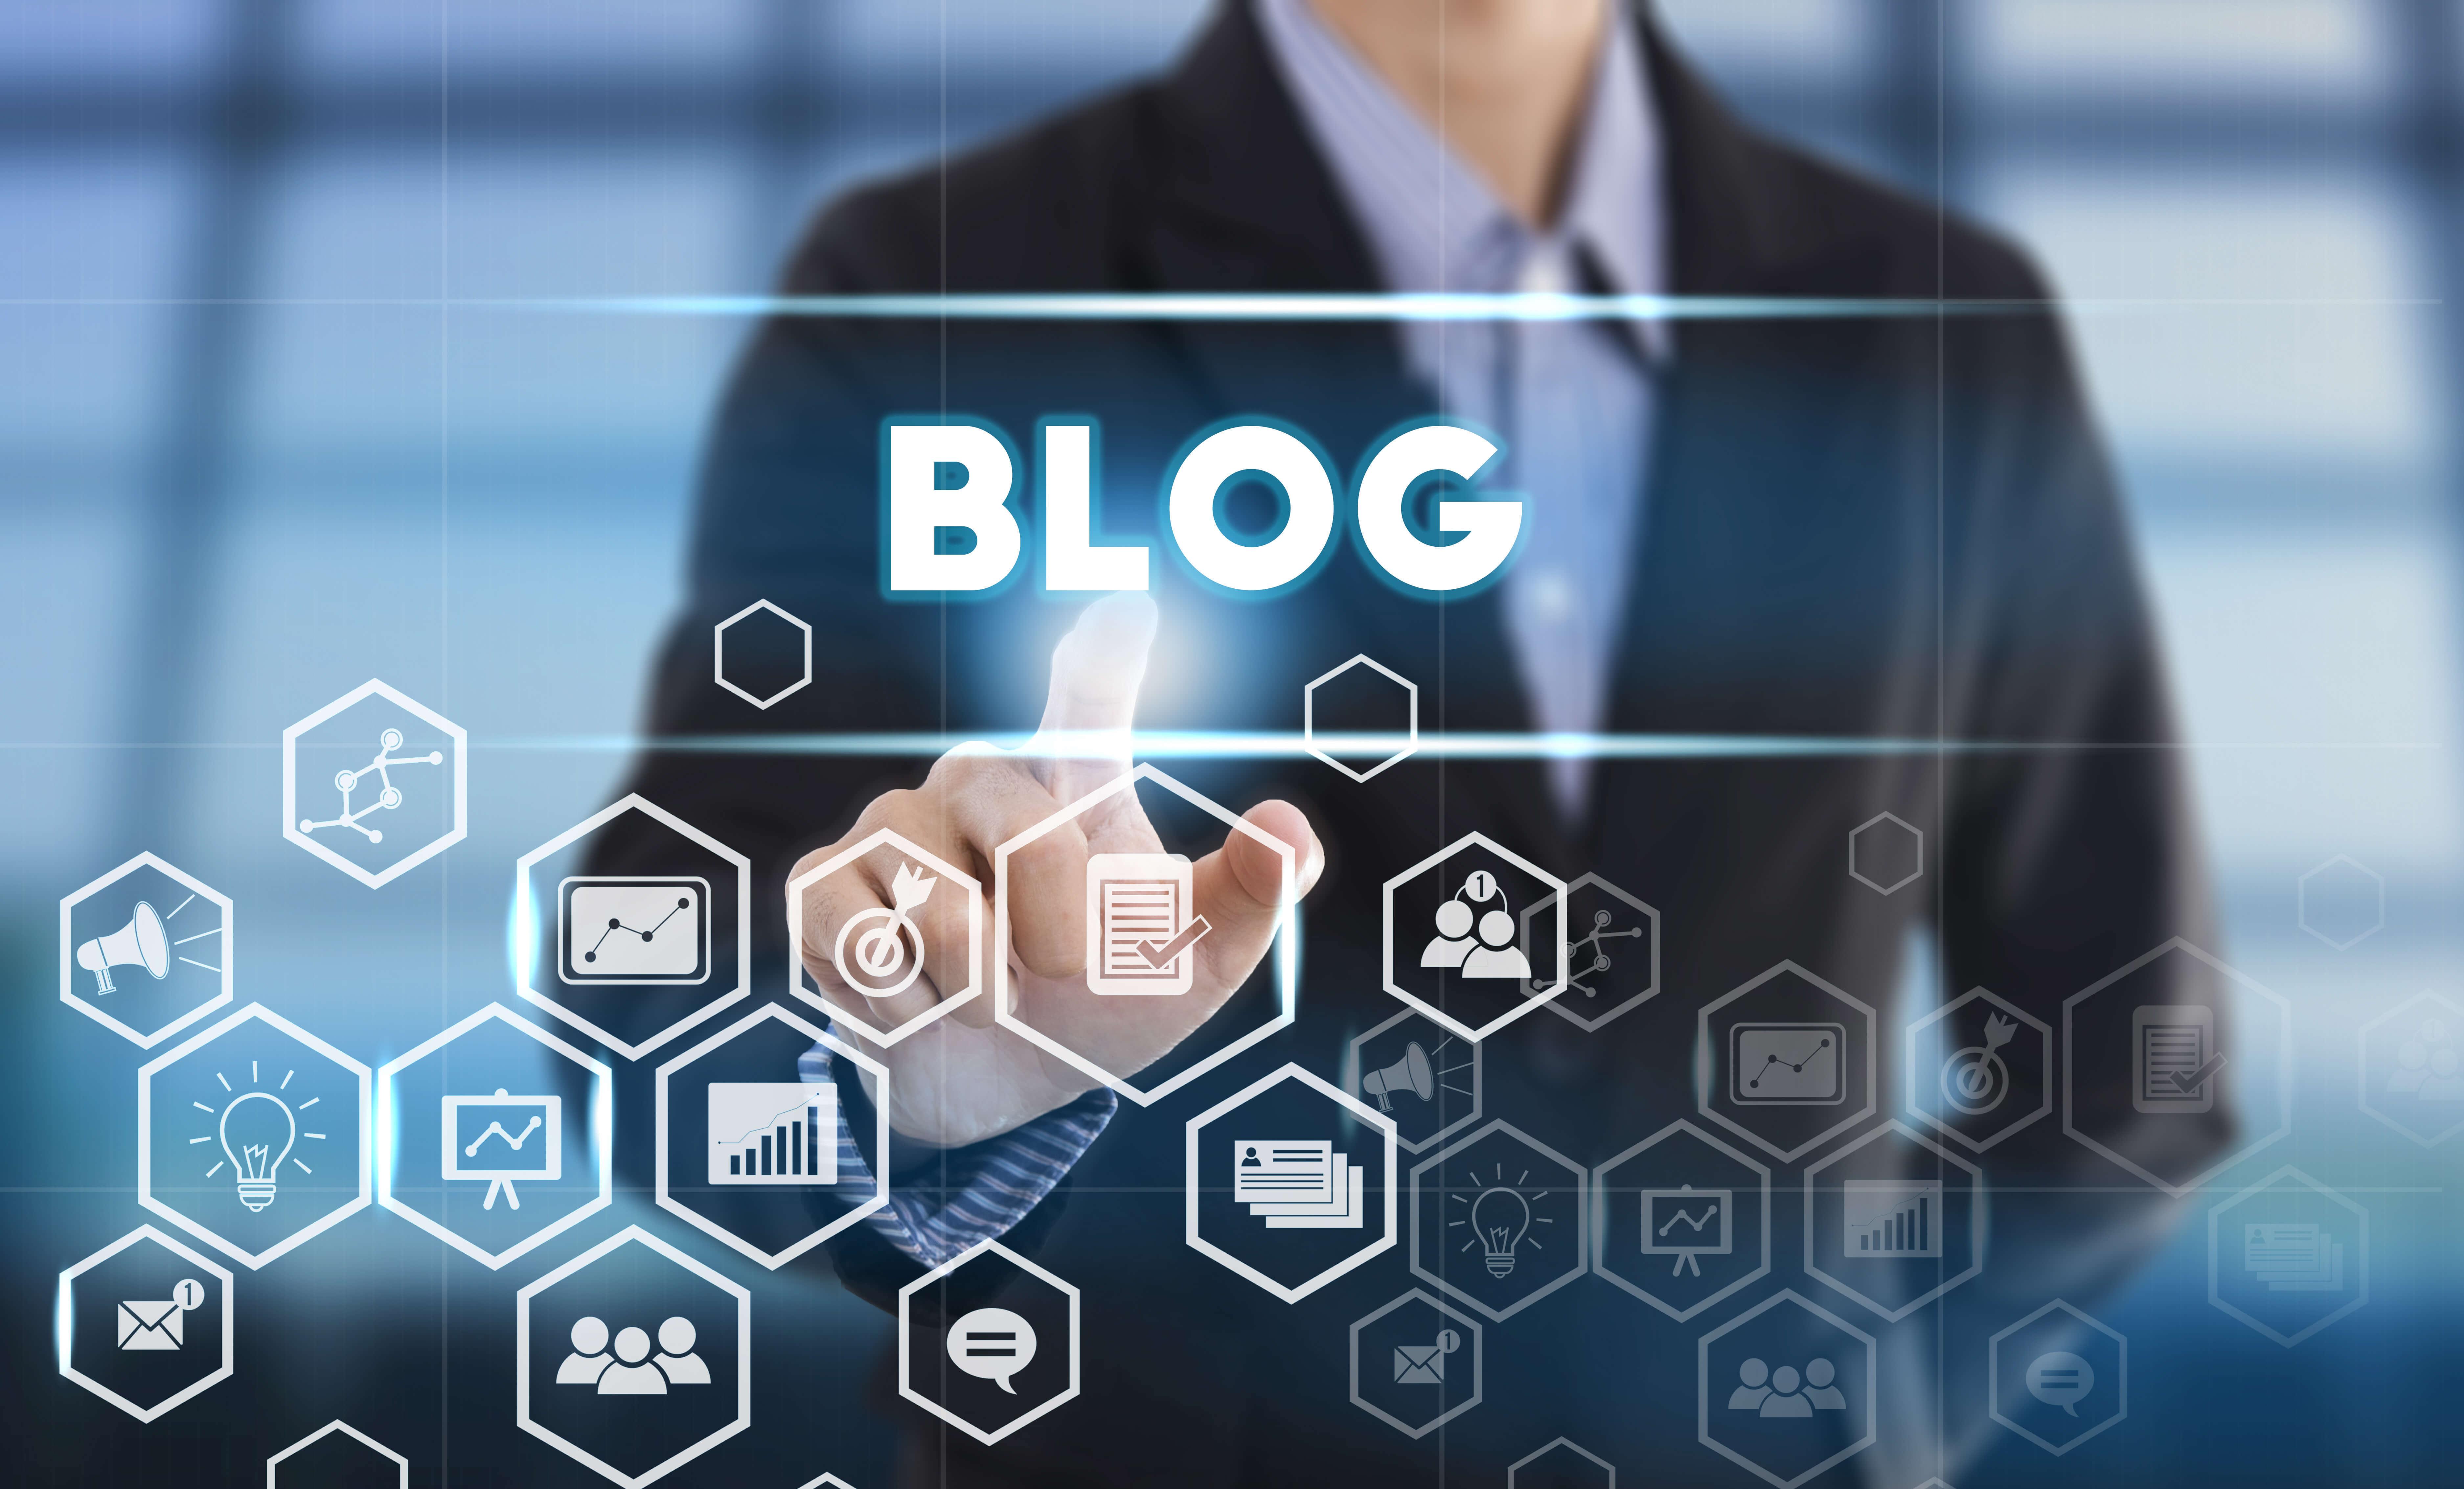 ブログ・コラムを継続しているのにアクセスが増えない時の対策方法